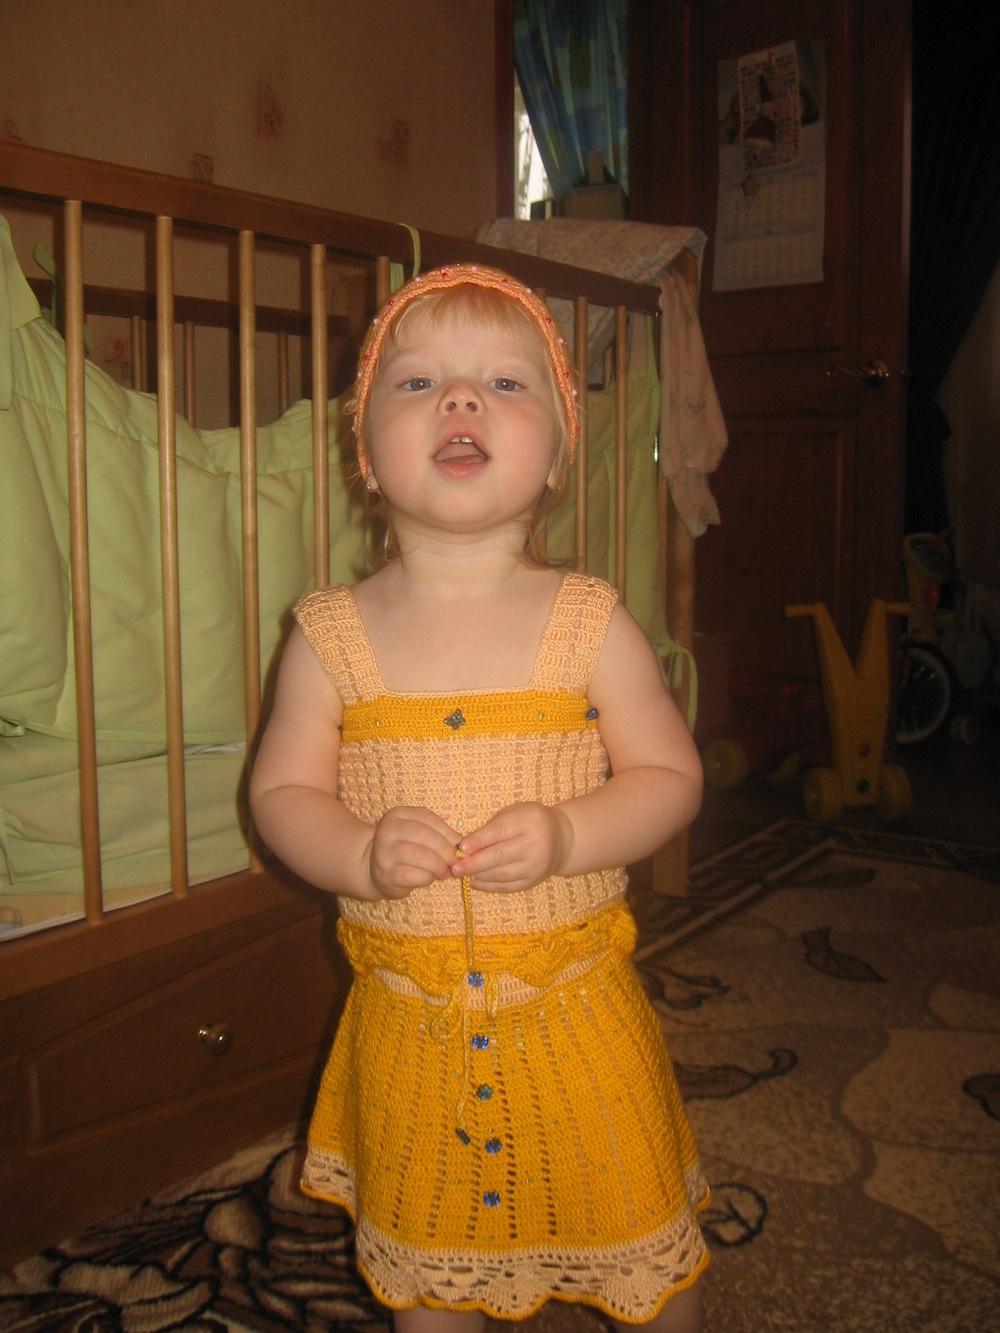 Топик и юбочка. Одежда для детей